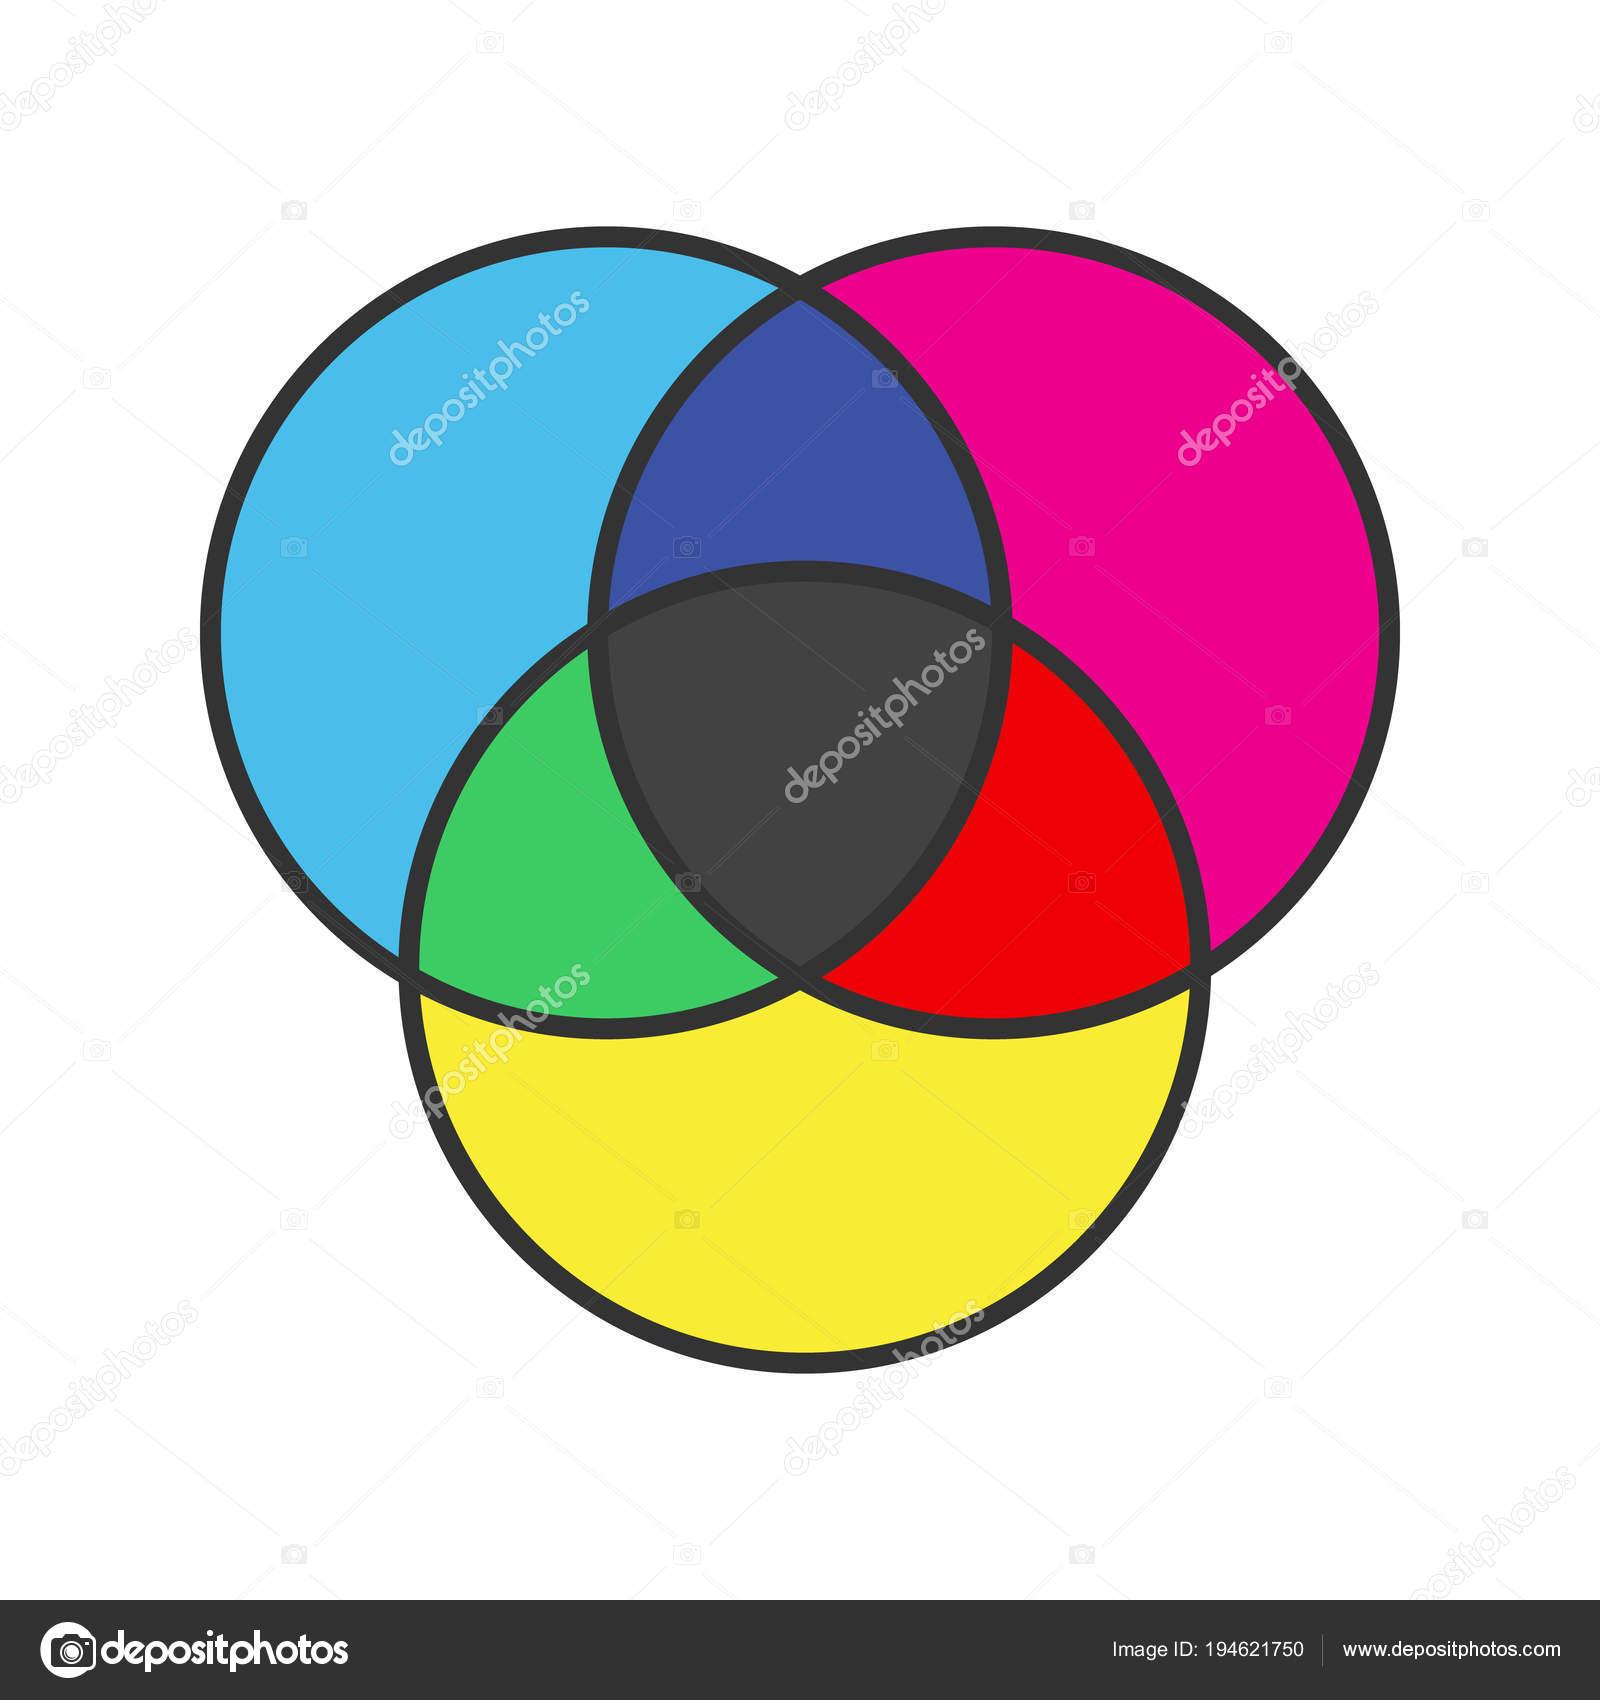 Cone crculos cor cmyk rgb diagrama venn crculos sobrepostos cone crculos cor cmyk rgb diagrama venn crculos sobrepostos ilustrao vetores de stock ccuart Gallery